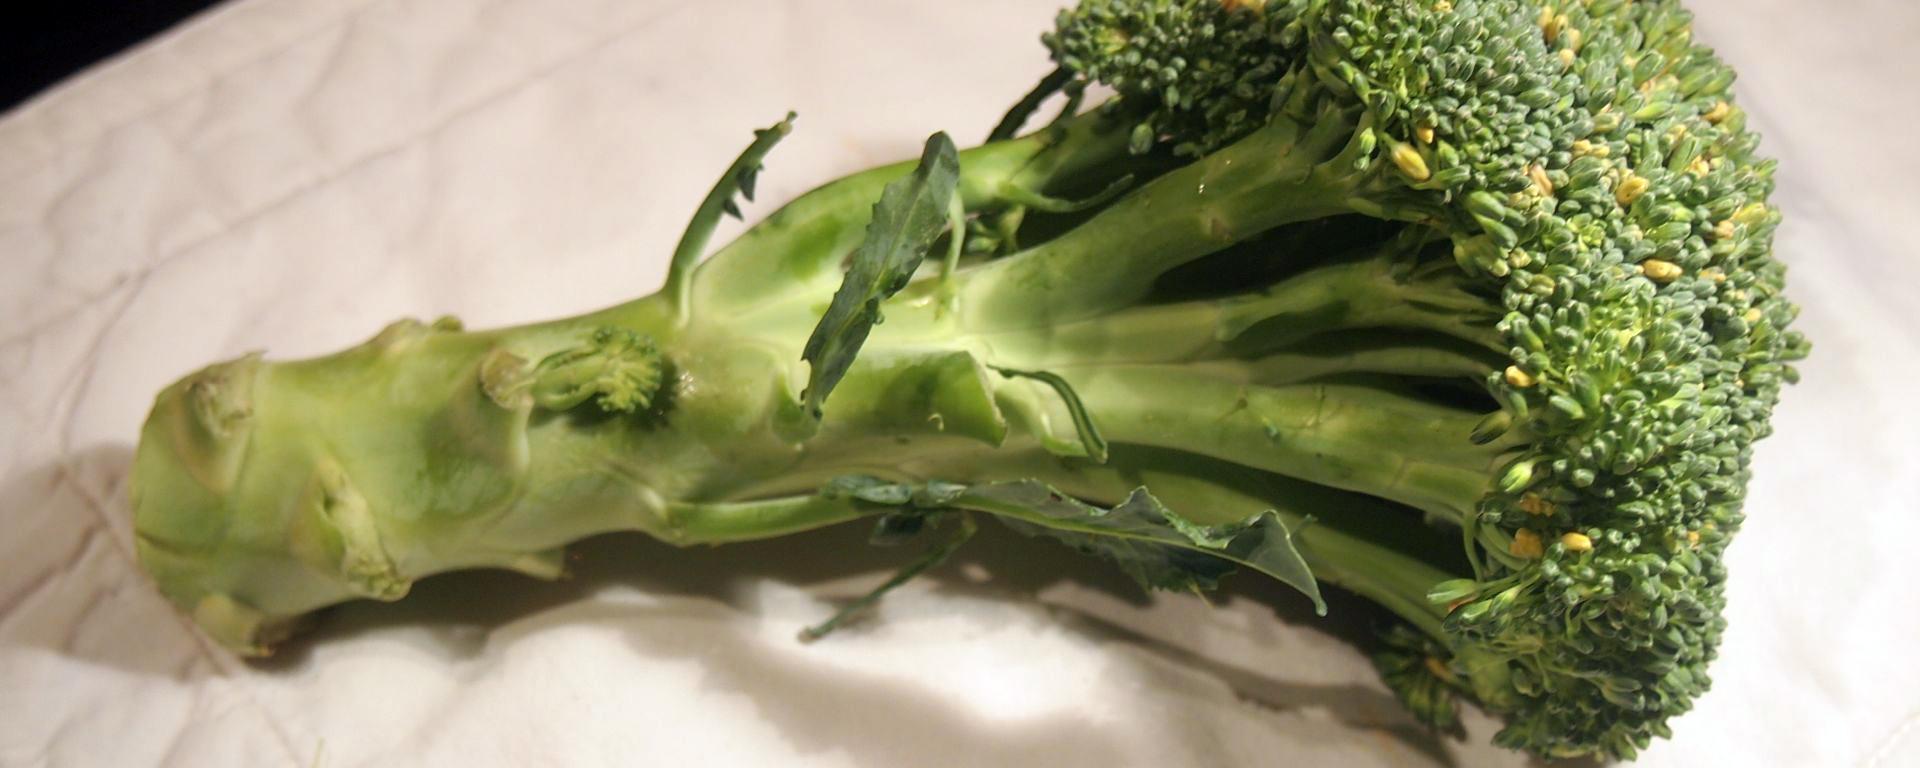 Stalk of broccoli